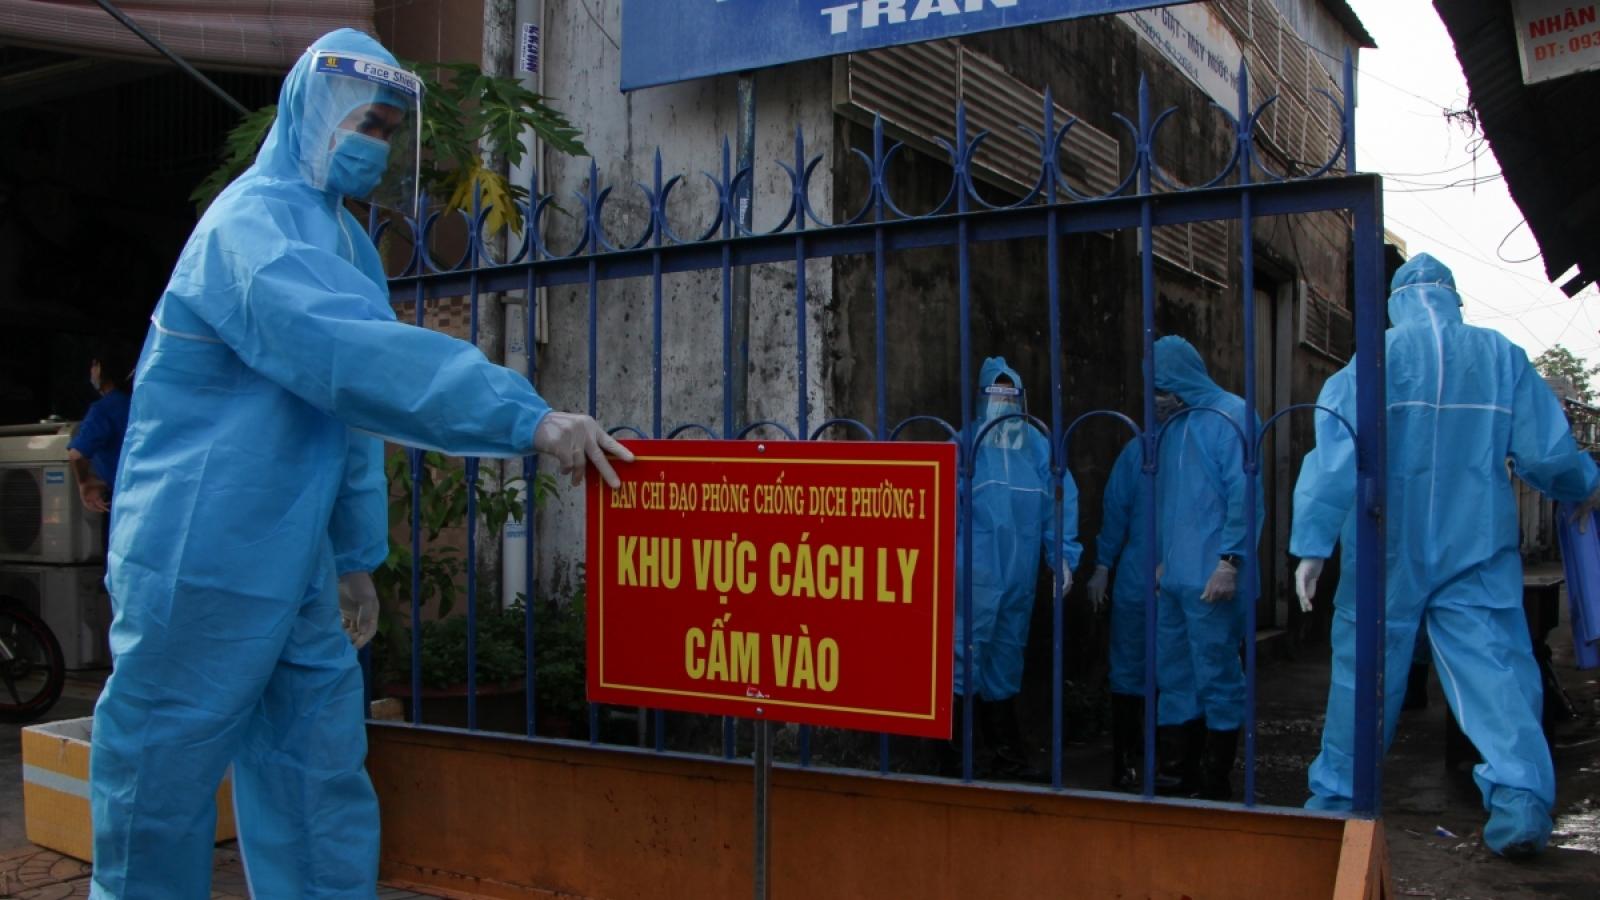 Sáng 30/5, Việt Nam có 52 ca mắc COVID-19 mới trong đó Bắc Giang 35 ca